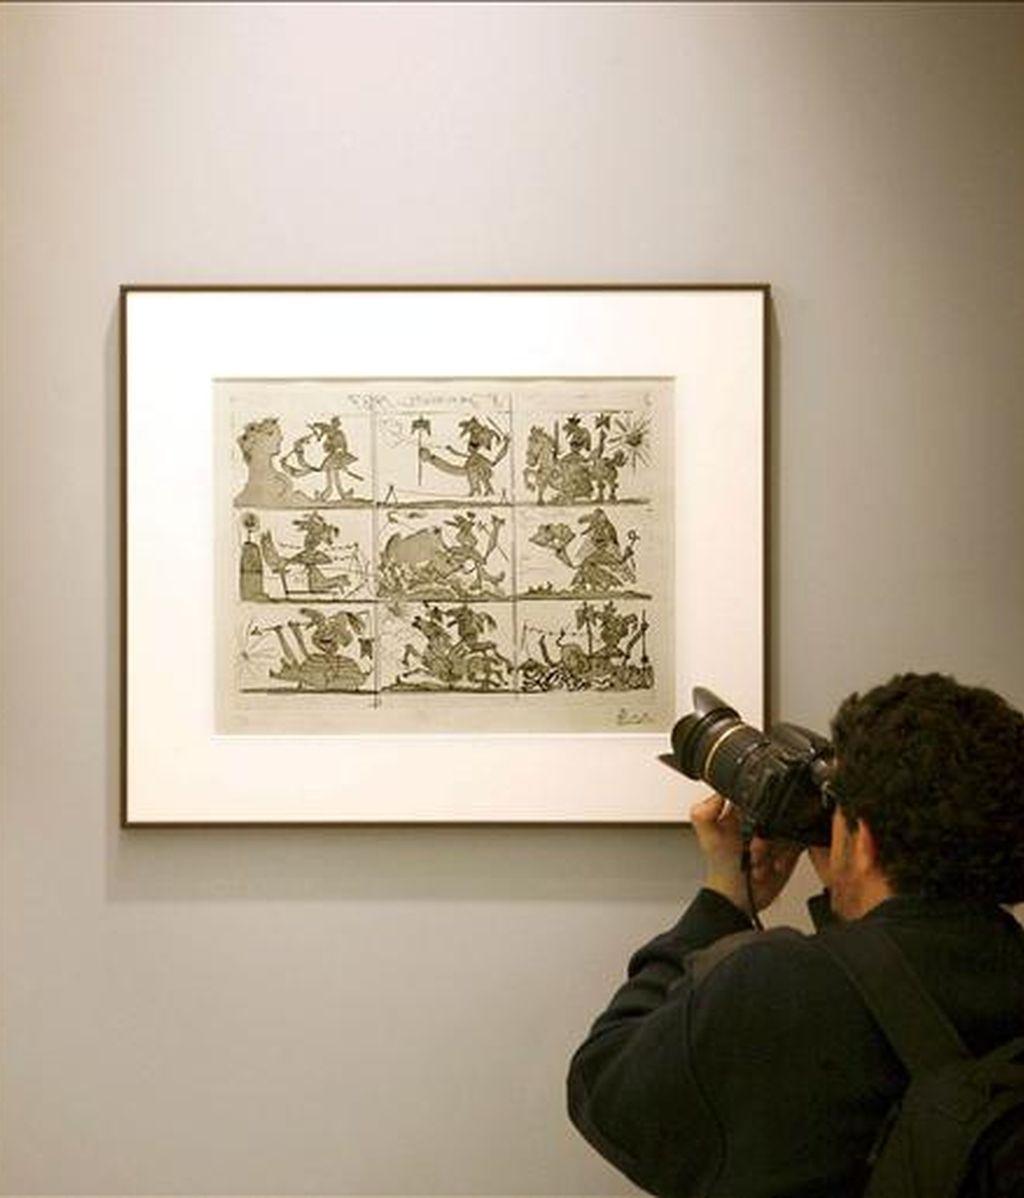 """Un fotógrafo toma una imagen de uno de los cuadros que componen la exposición """"Sueño y mentira de Franco"""", del pintor Pablo Picasso, que desde hoy y hasta el próximo 3 de mayo se podrá visitar en la Casa Museo Casares Quiroga, antigua residencia coruñesa del presidente de la República, Casares Quiroga. EFE"""